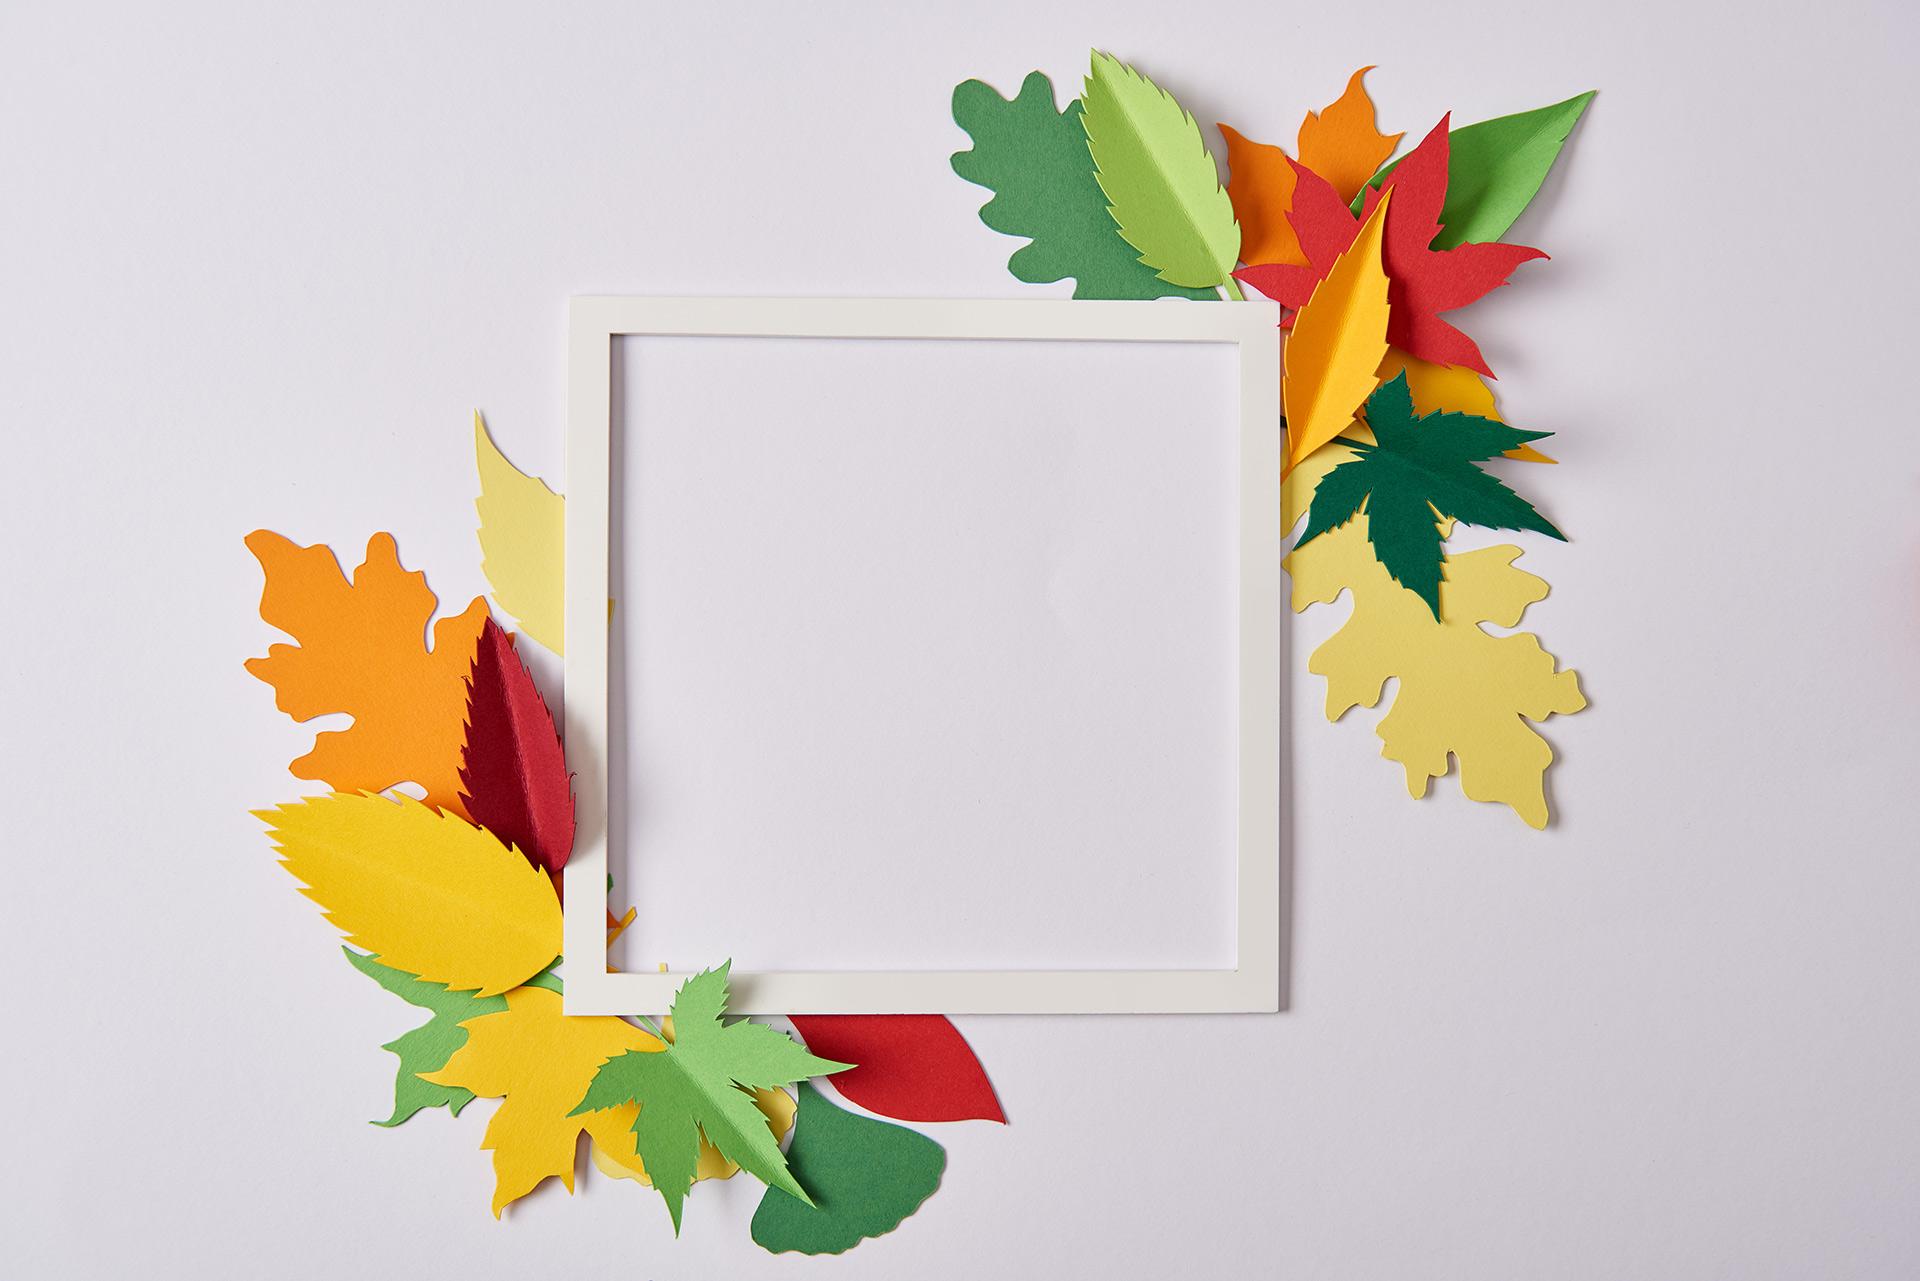 ramka z papierowymi liśćmi